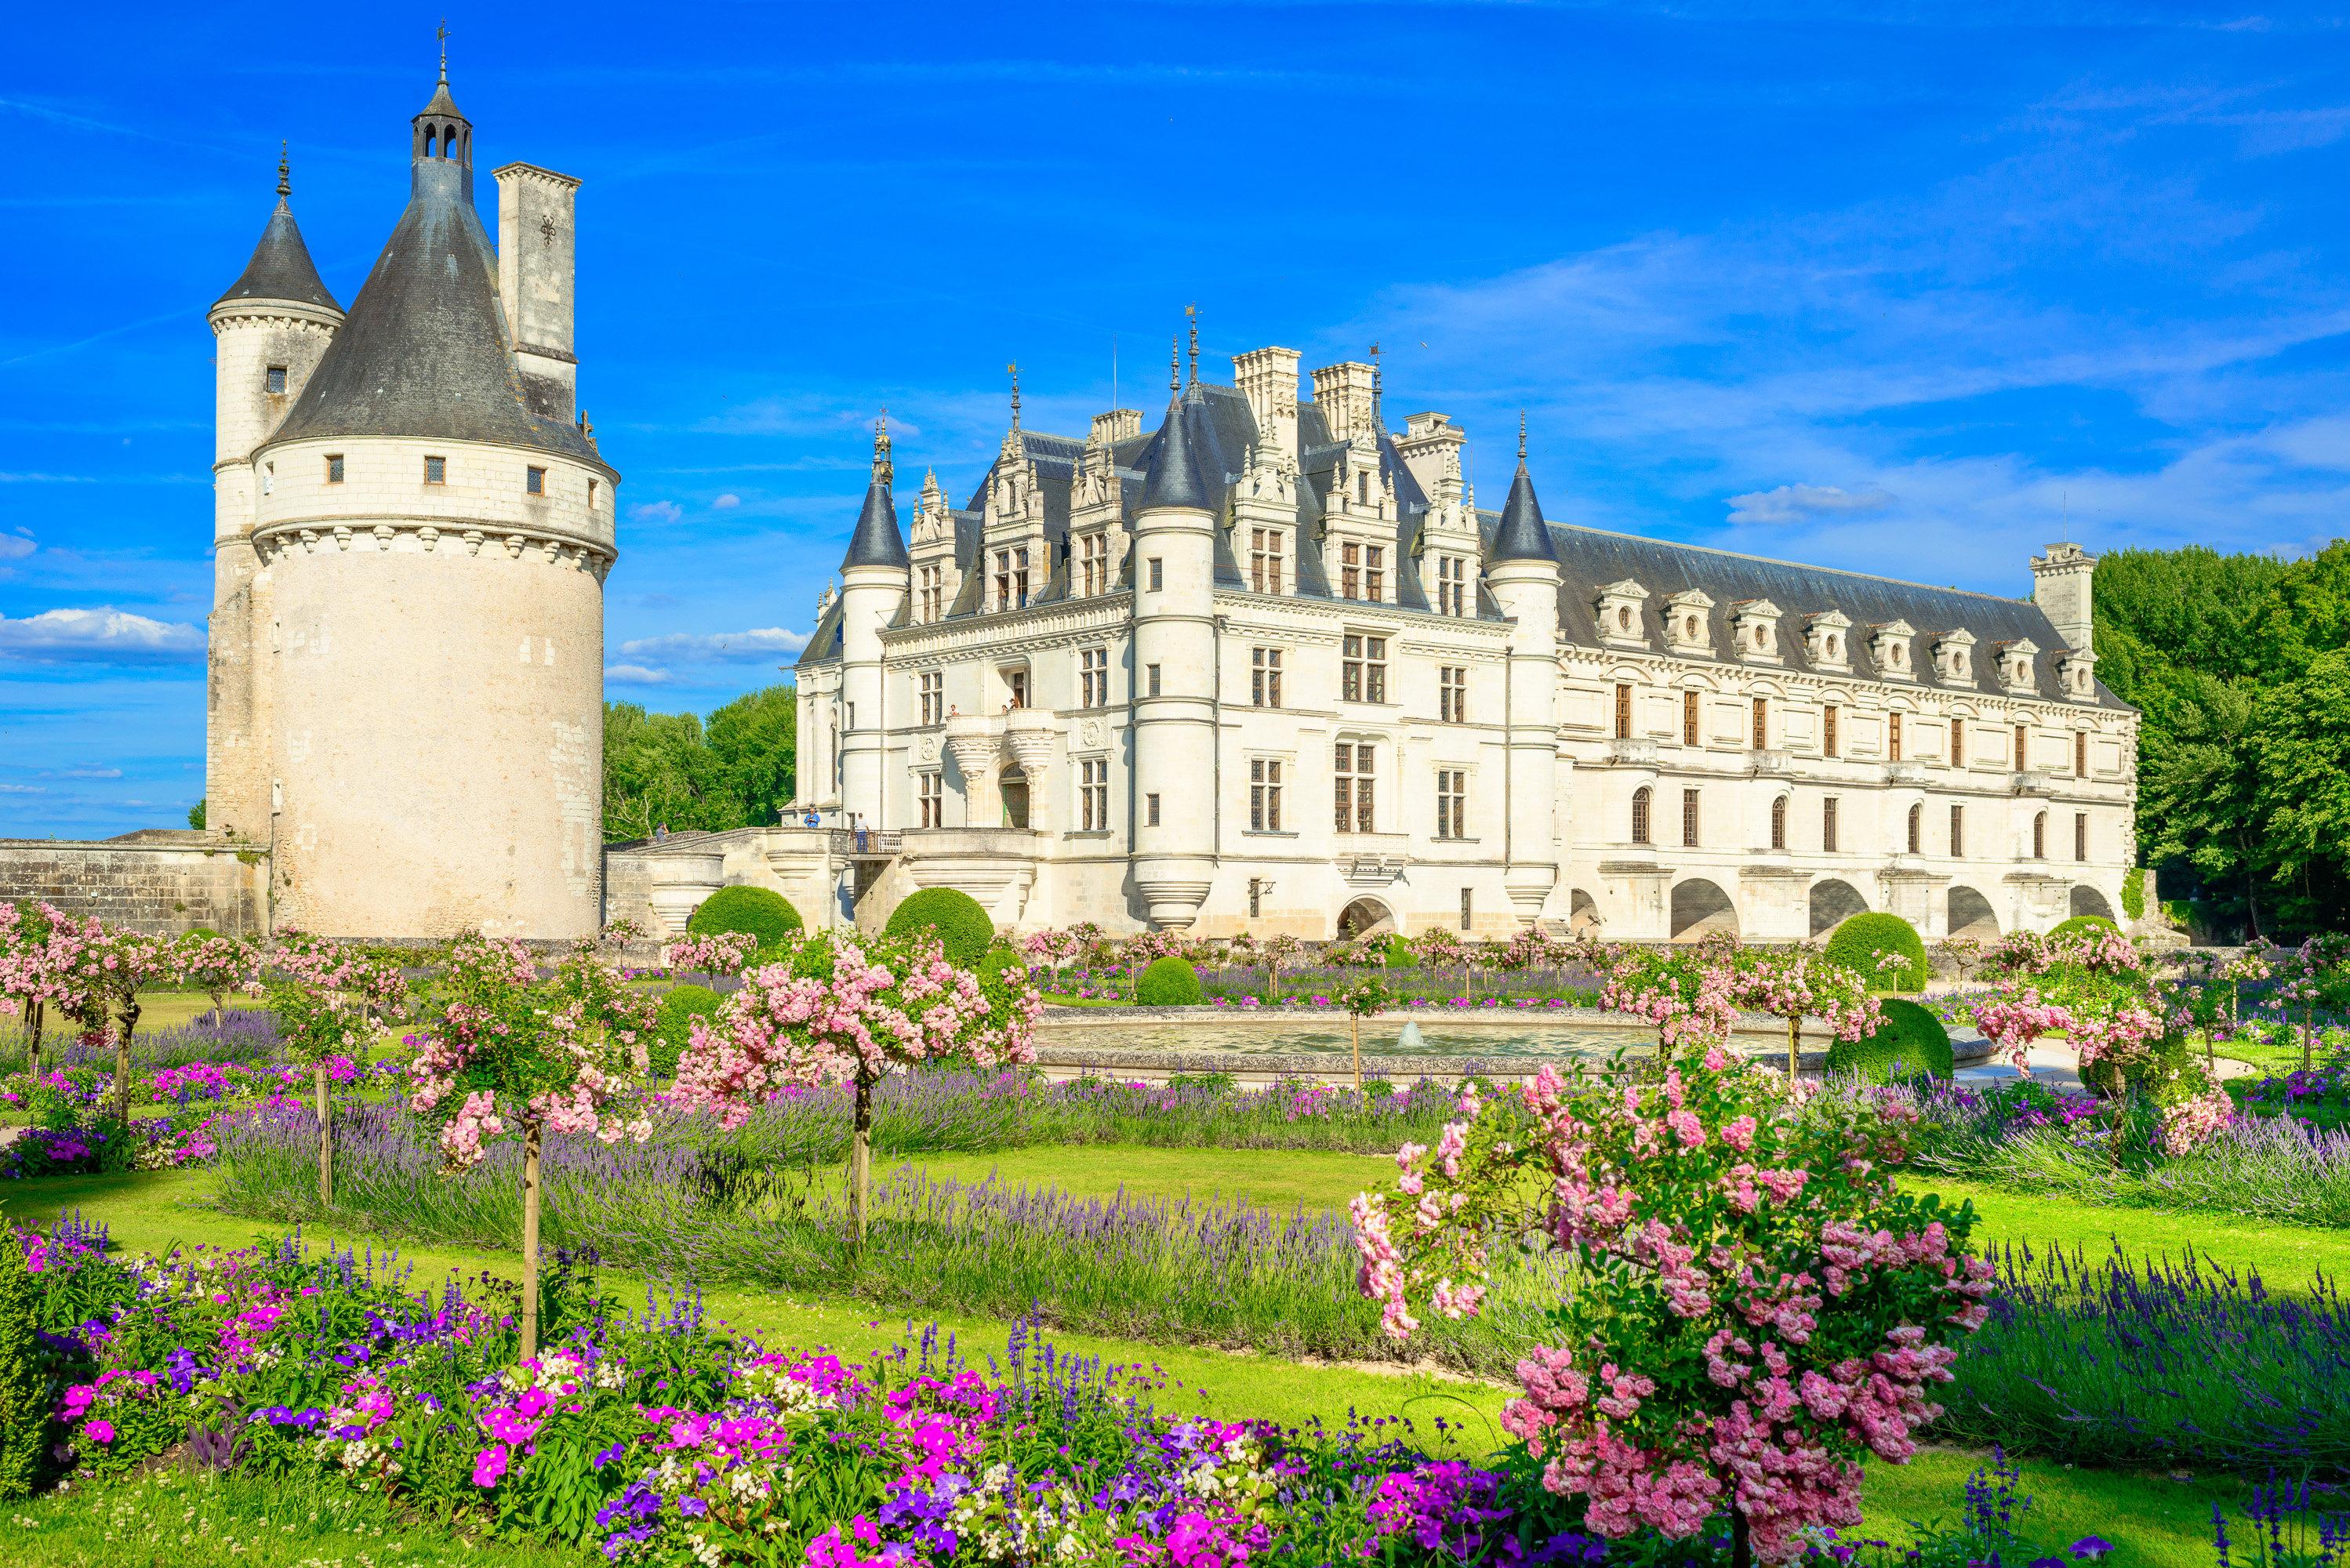 法國盧瓦爾河谷舍農索城堡+香波堡一日遊(含門票+美酒品鑒+中文導遊)